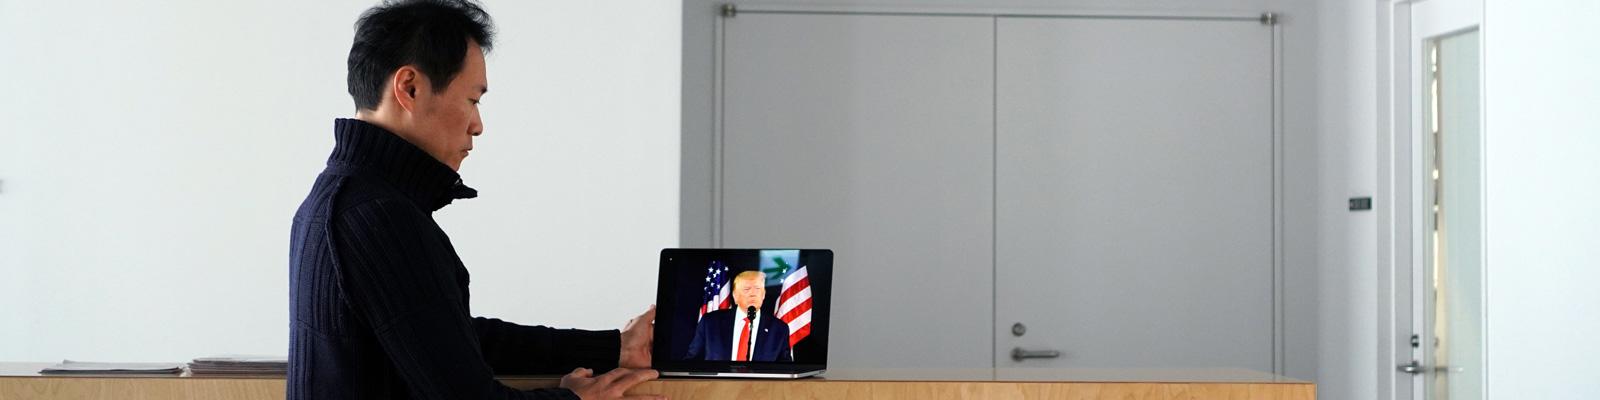 その情報、ファクト or フェイク? 前編 米大統領選に付きまとう得体の知れない言説